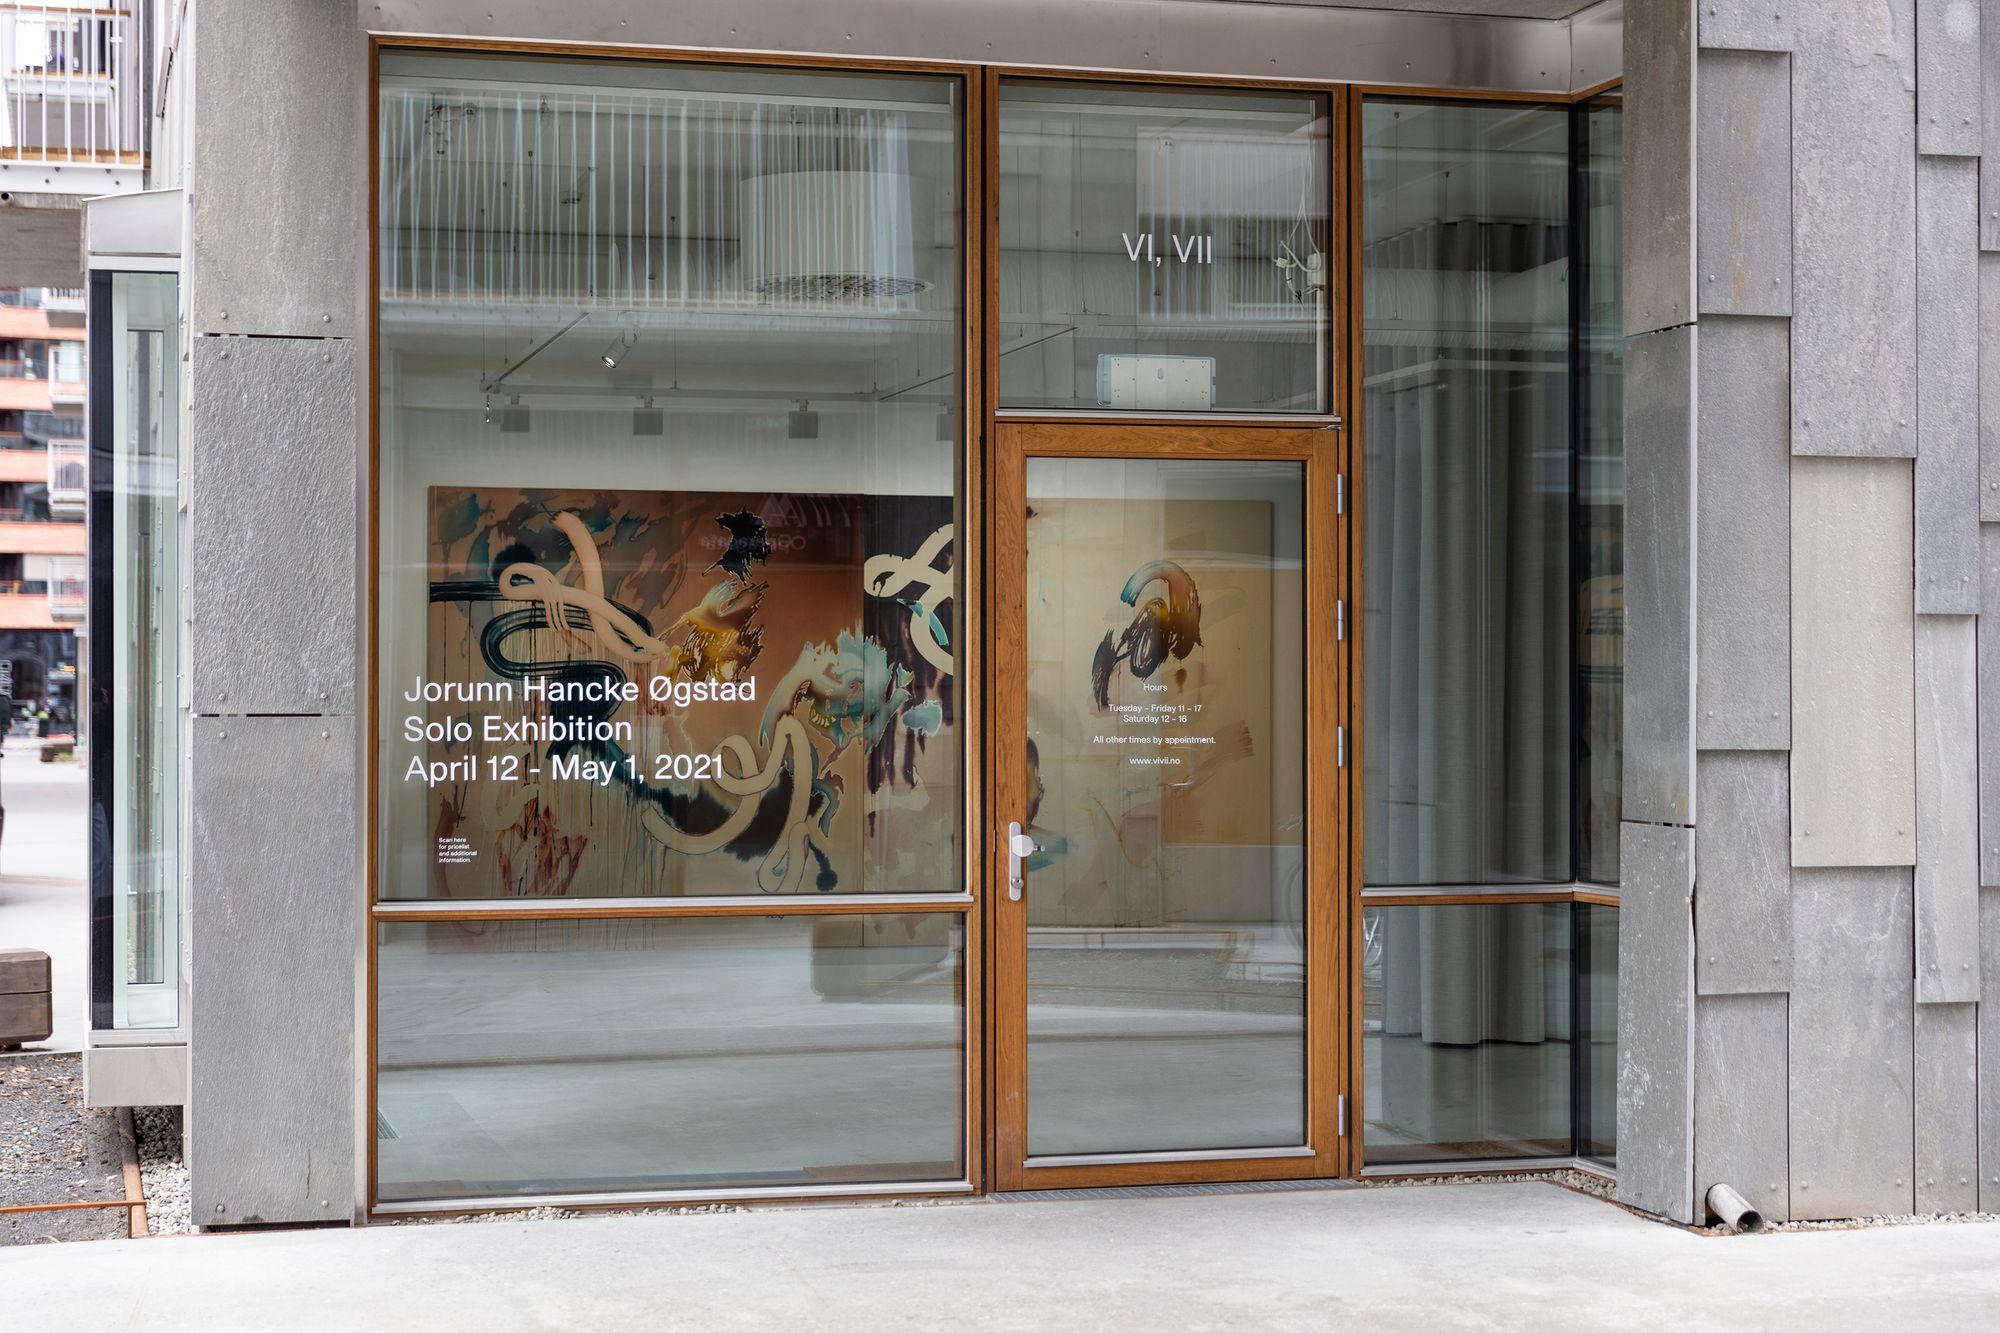 Utstilling med Jorunn Hancke Øgstad hos galleri VI, VII i Operagata